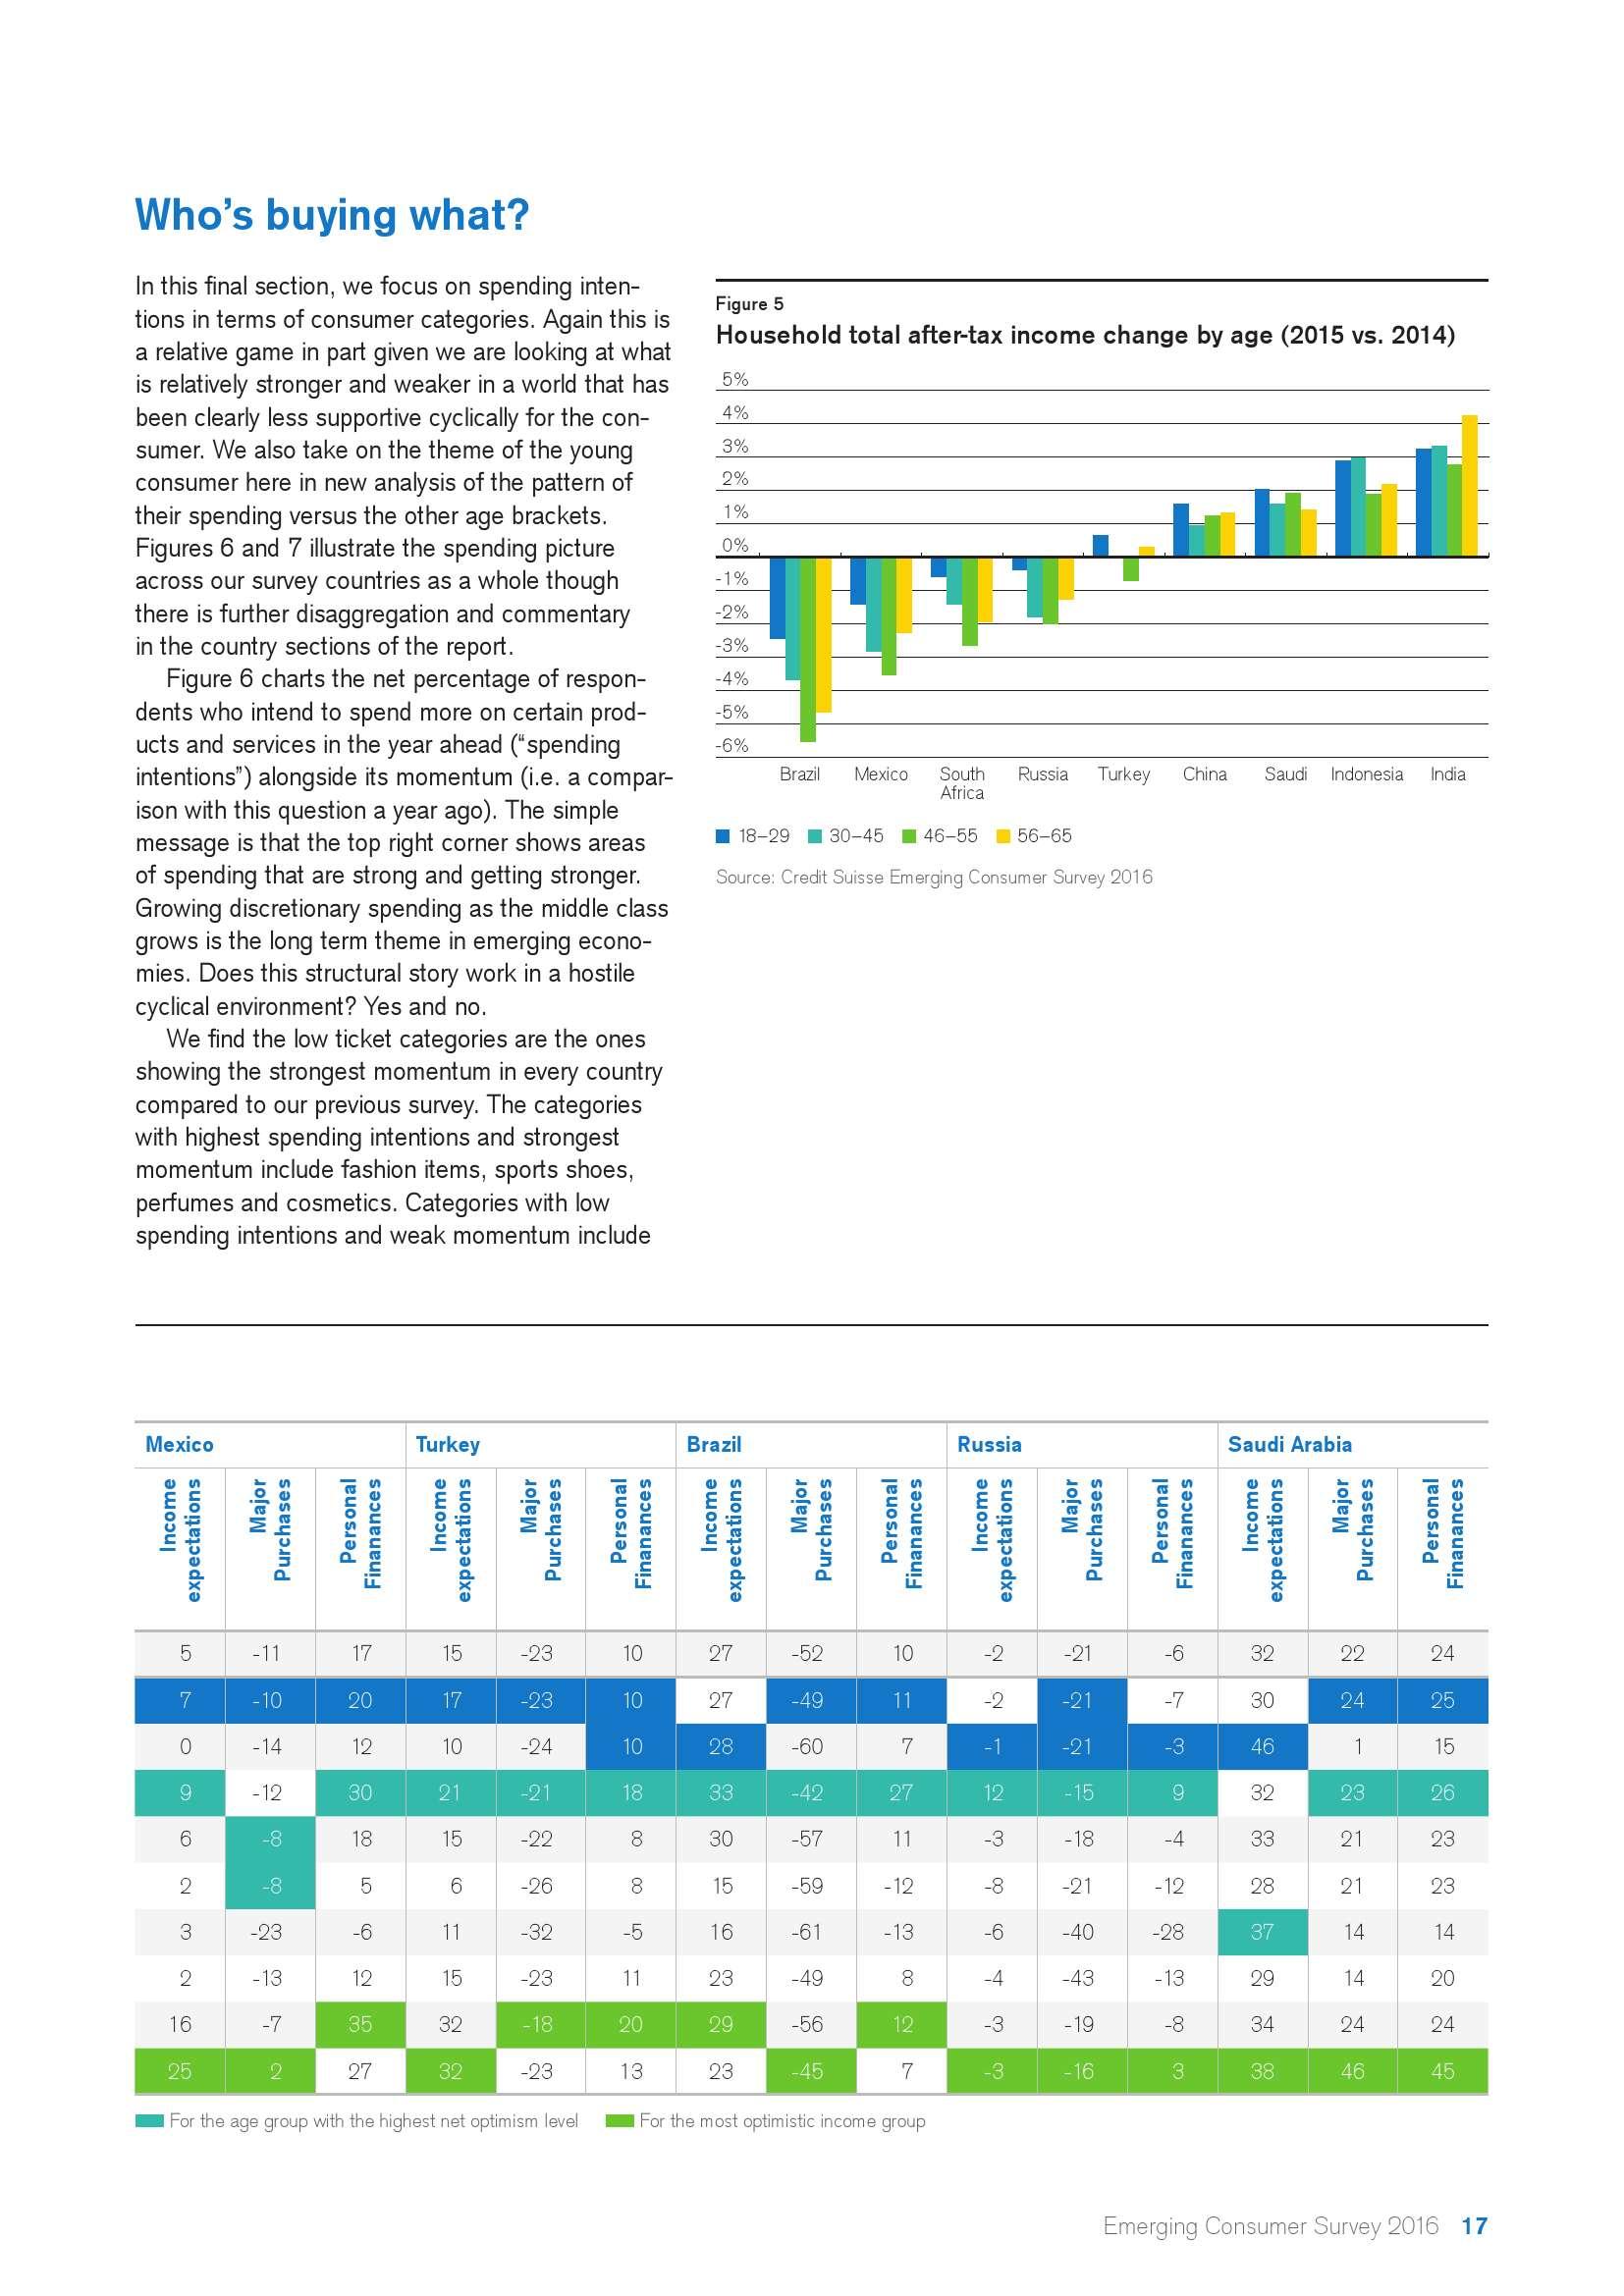 瑞士信贷:2016年新兴市场消费者调查报告_000017